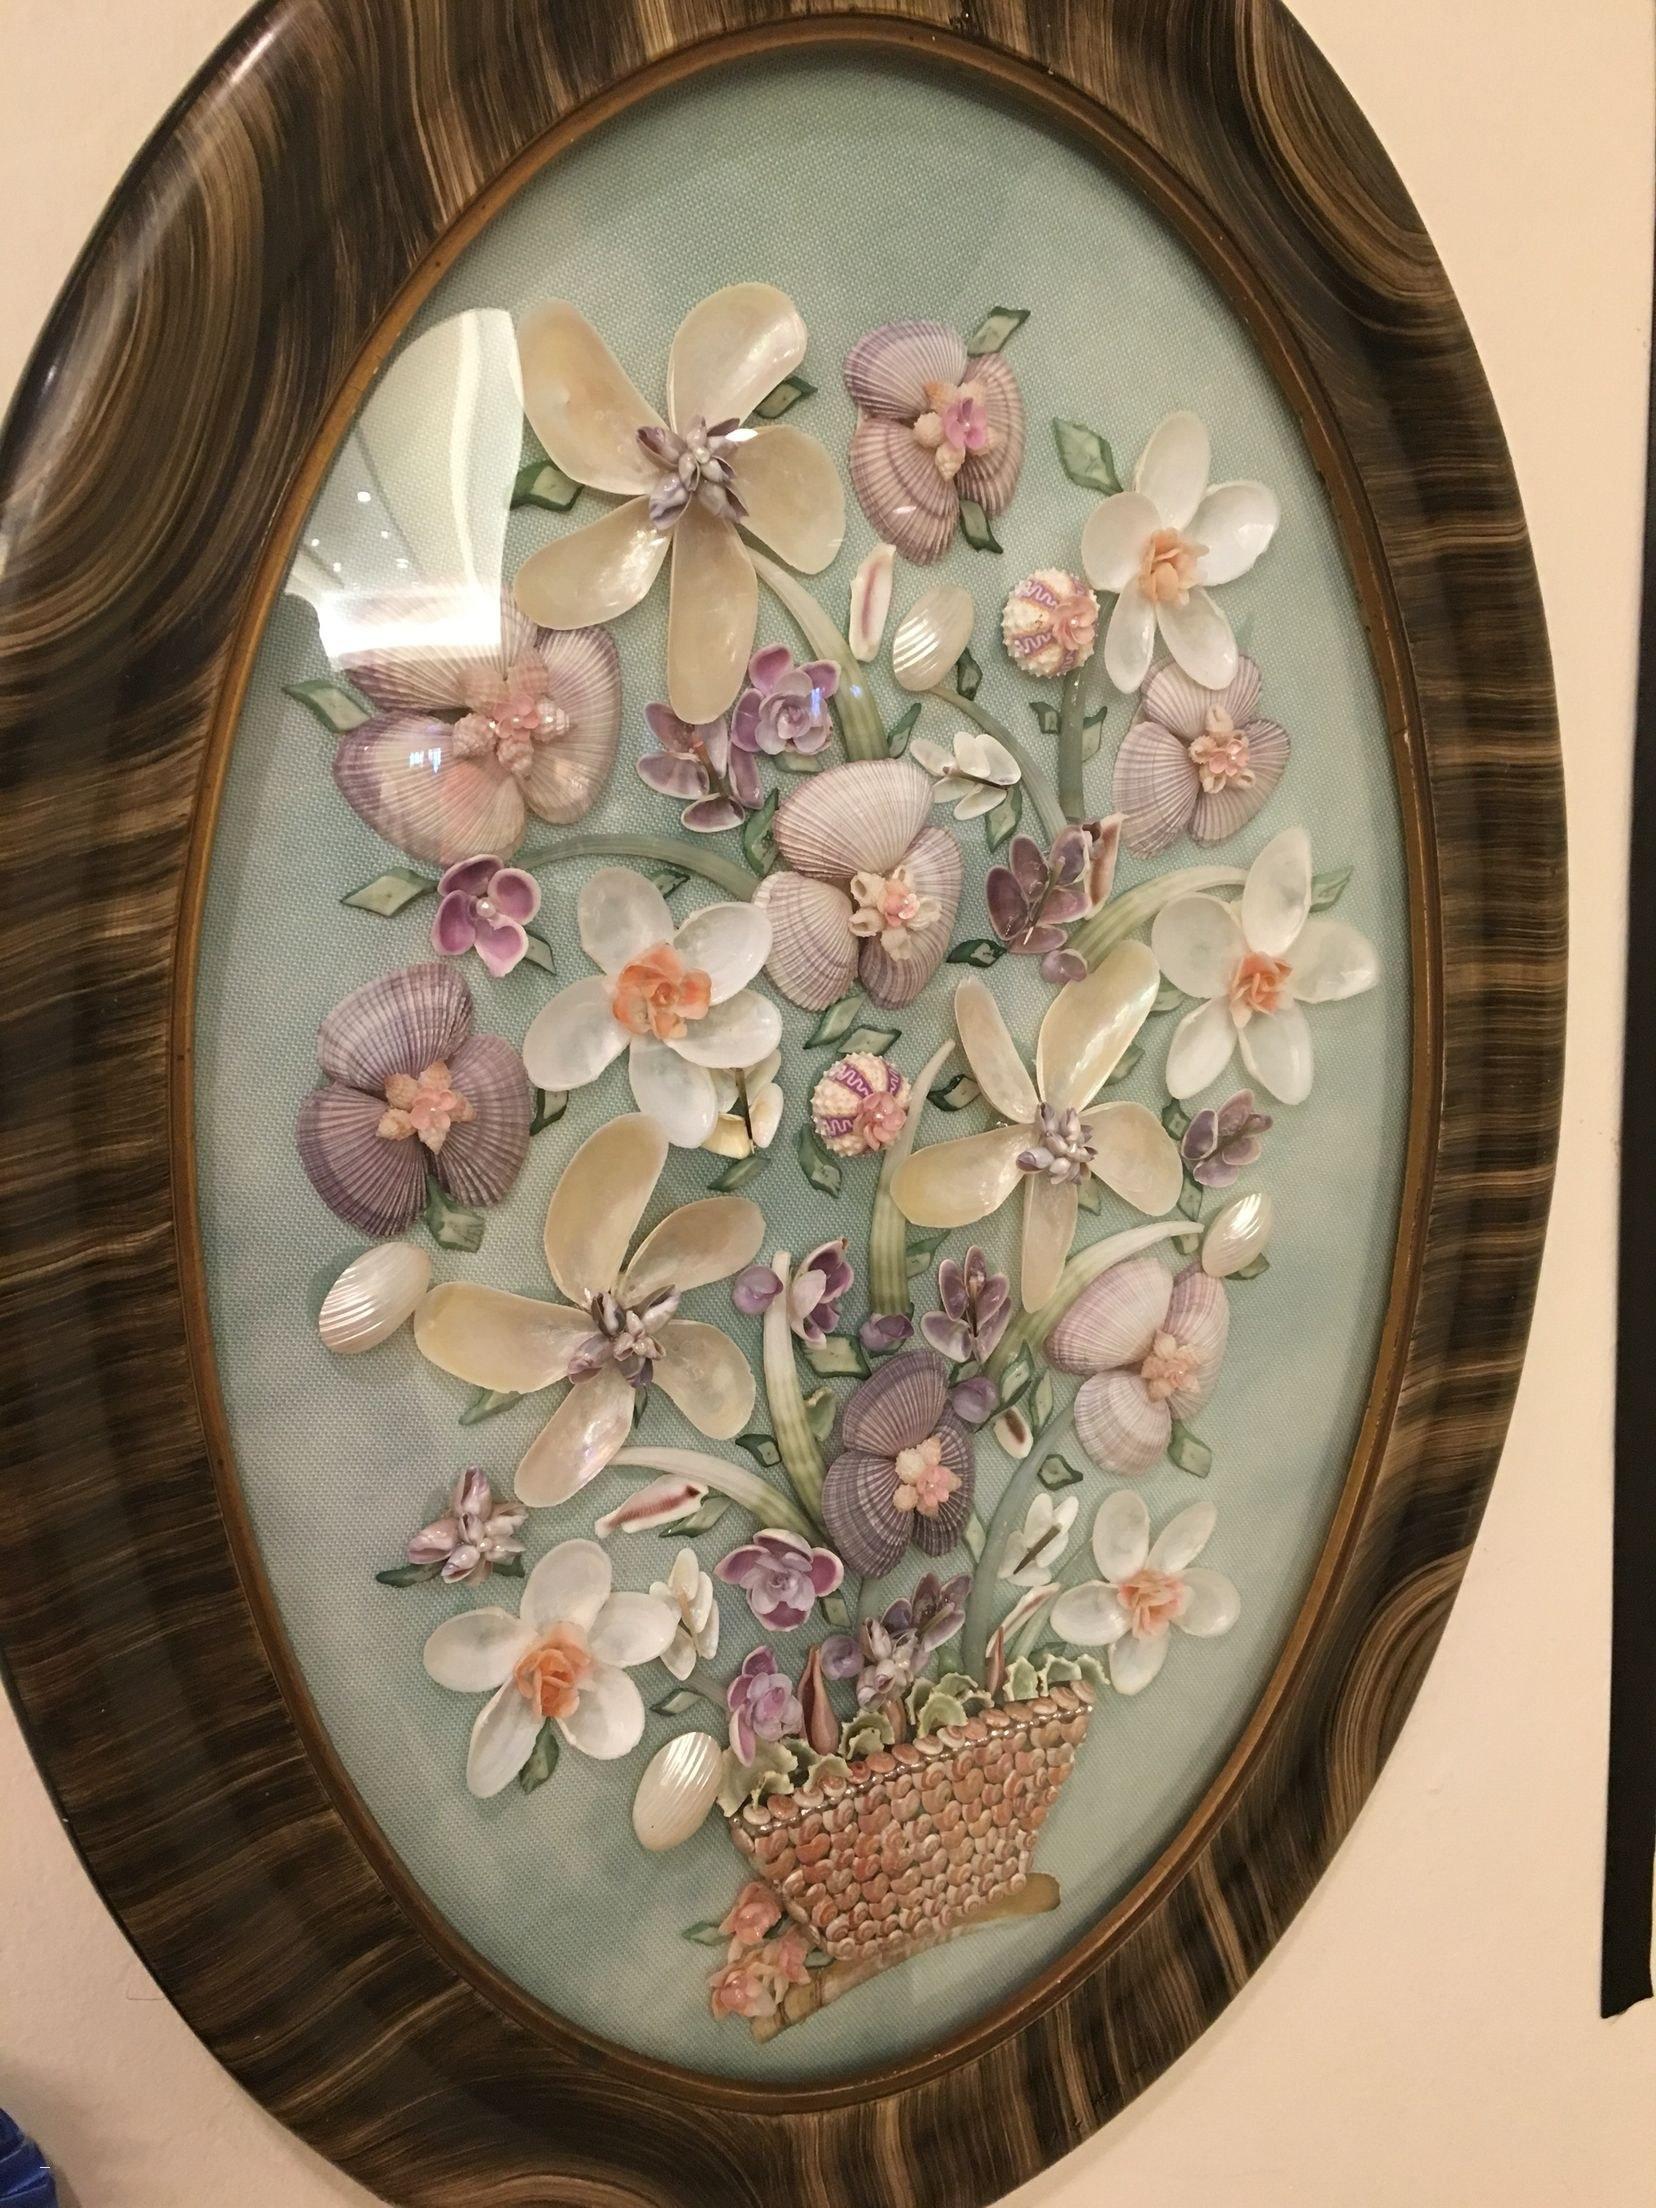 Malvorlagen Blumen Ranken Genial Karte Blumen Neuestes S S Media Cache Ak0 Pinimg originals 0d F2 3a Fotografieren